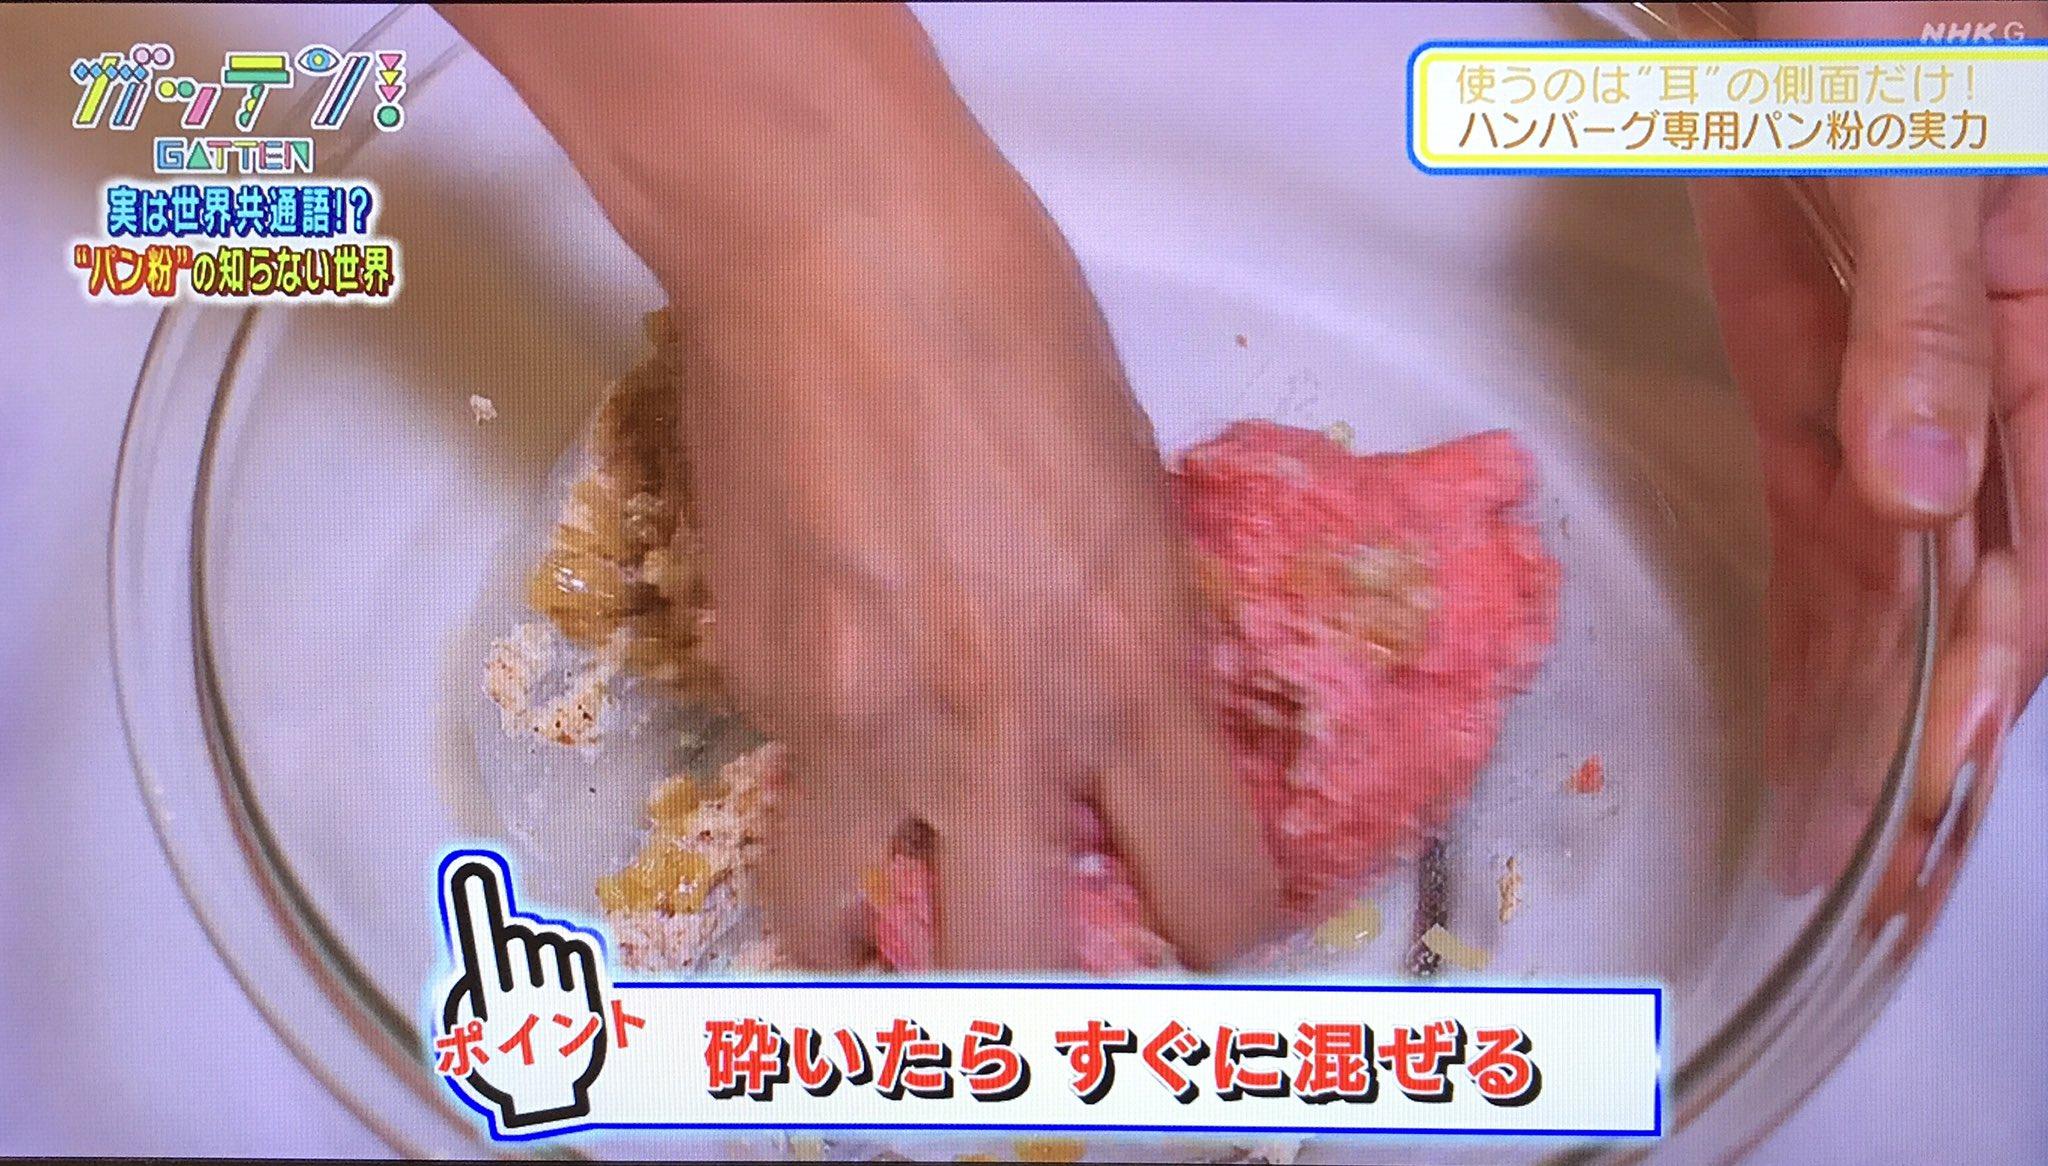 ガッテン パン粉 ためして